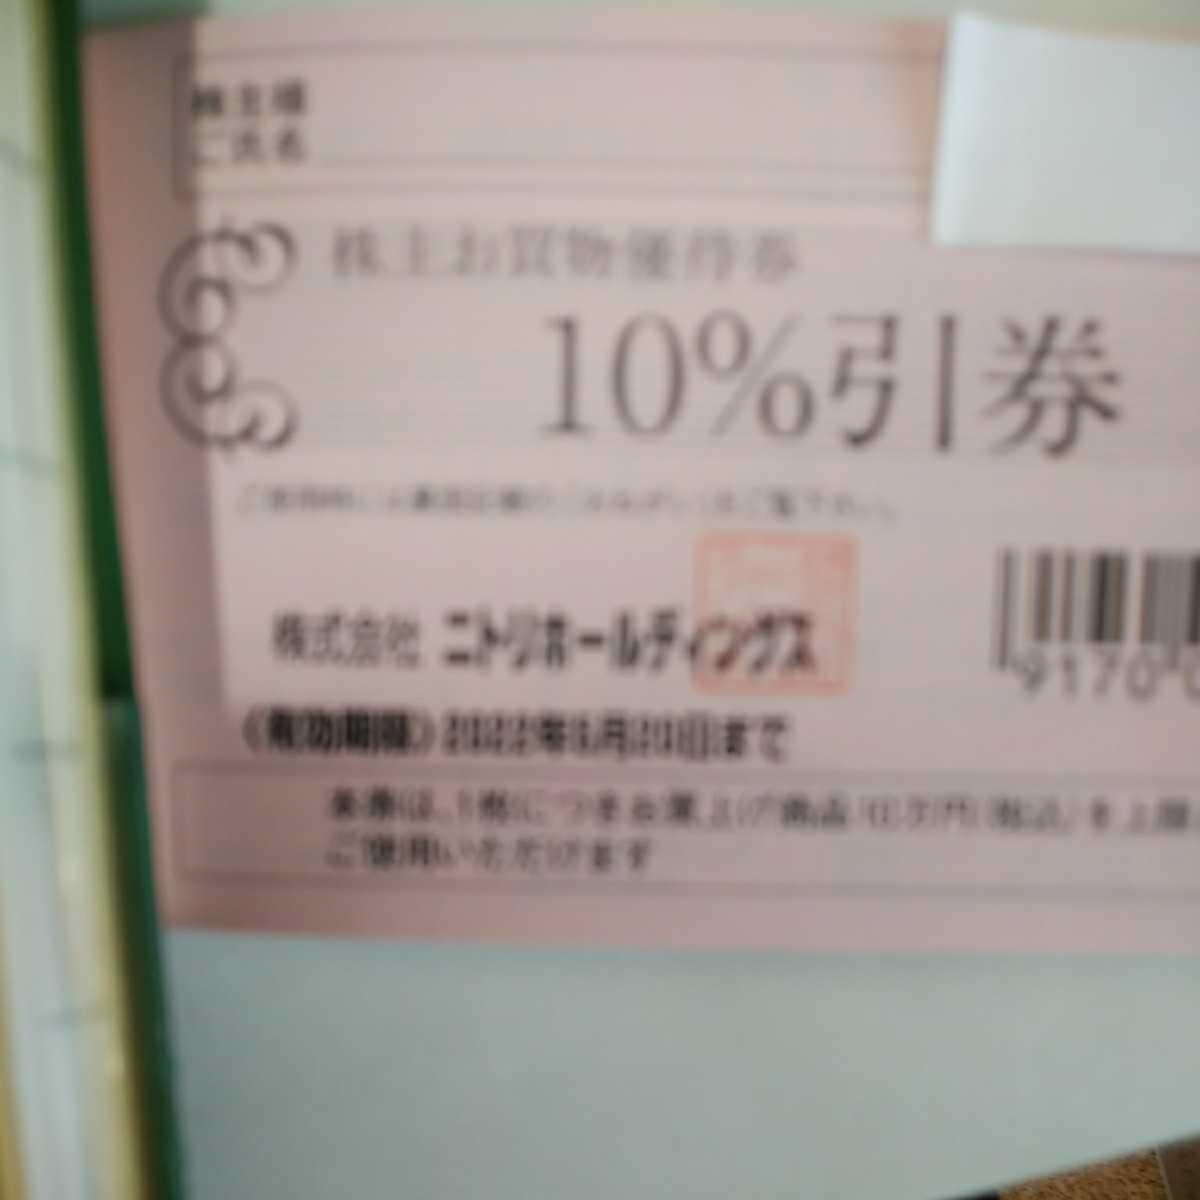 最新ニトリホールディングス株主優待10%割引券1枚送料込み_画像2